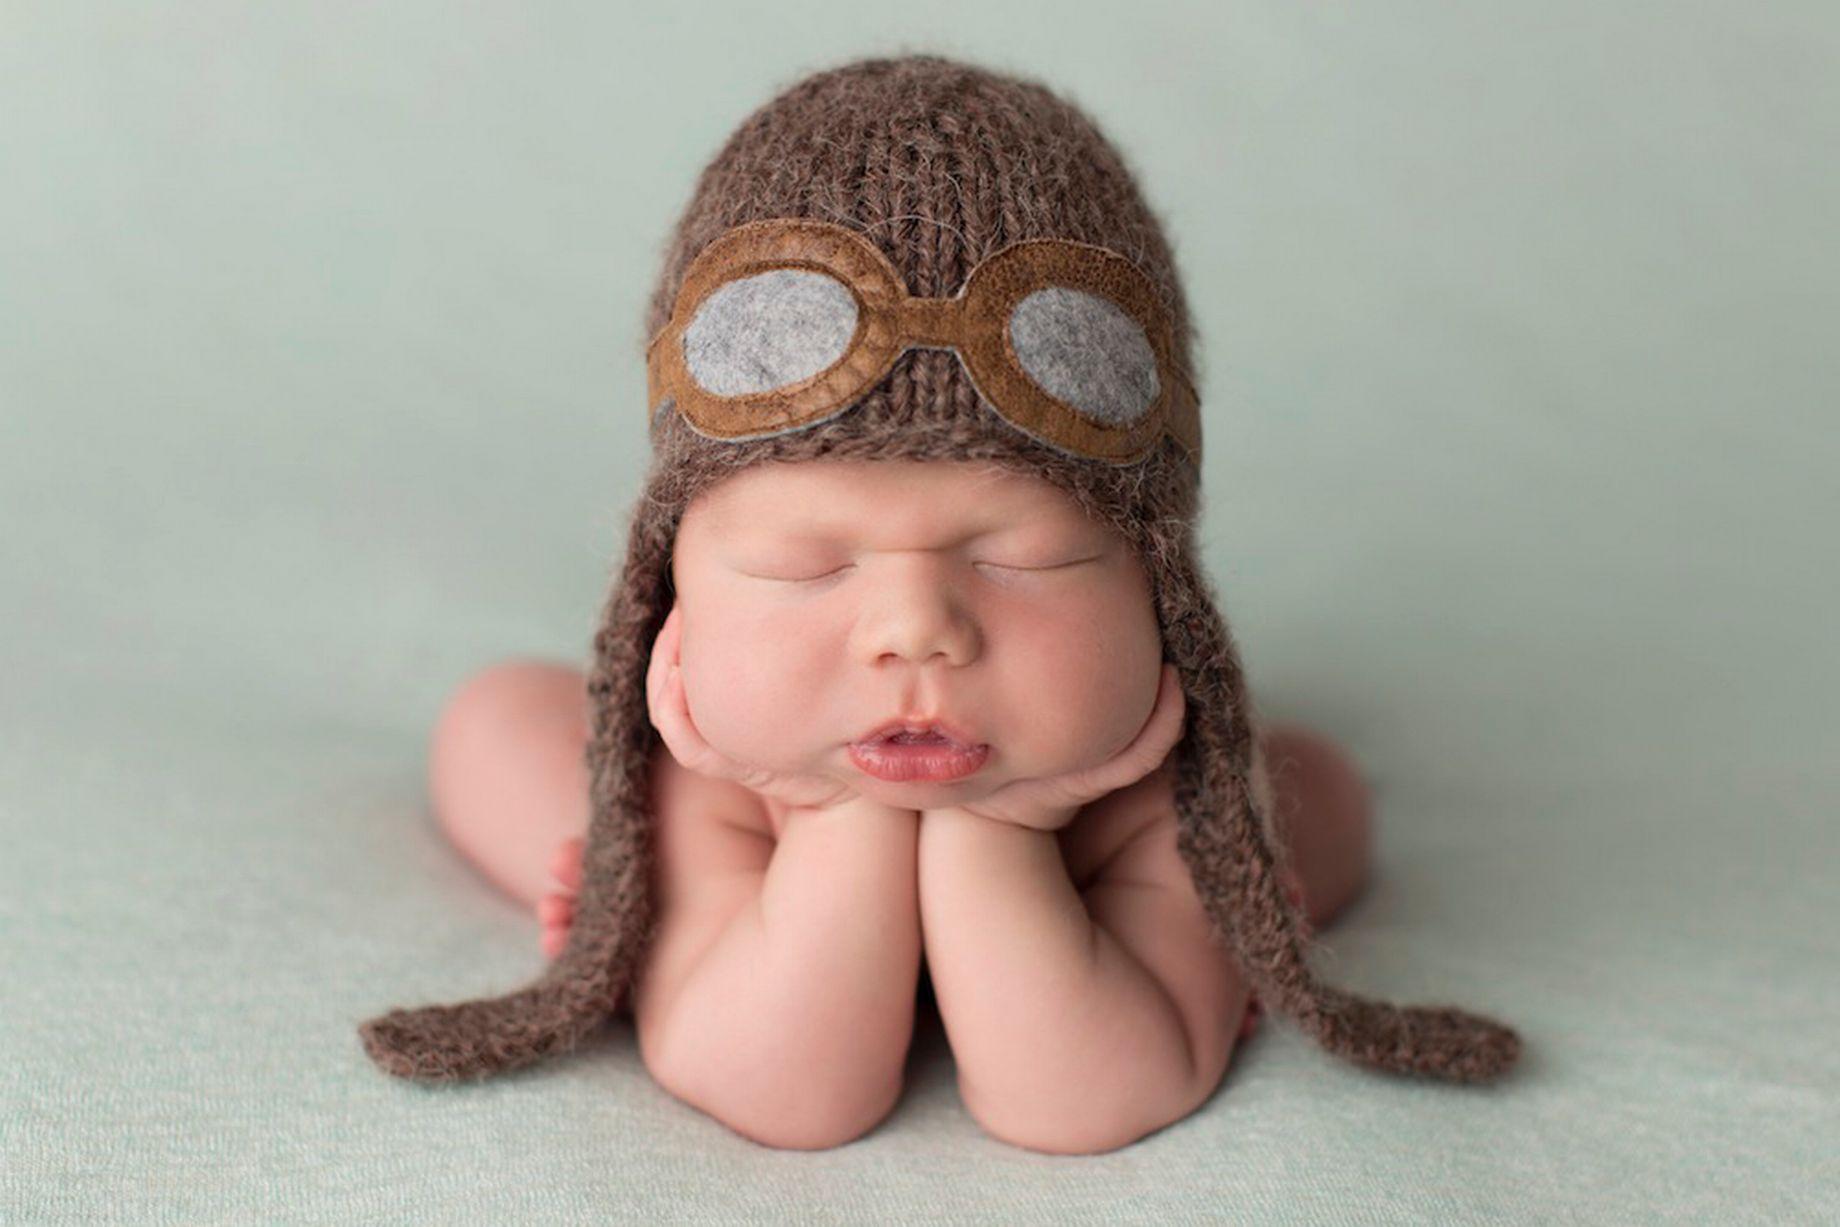 Cute Baby Boy Funny Sitting Wallpaper